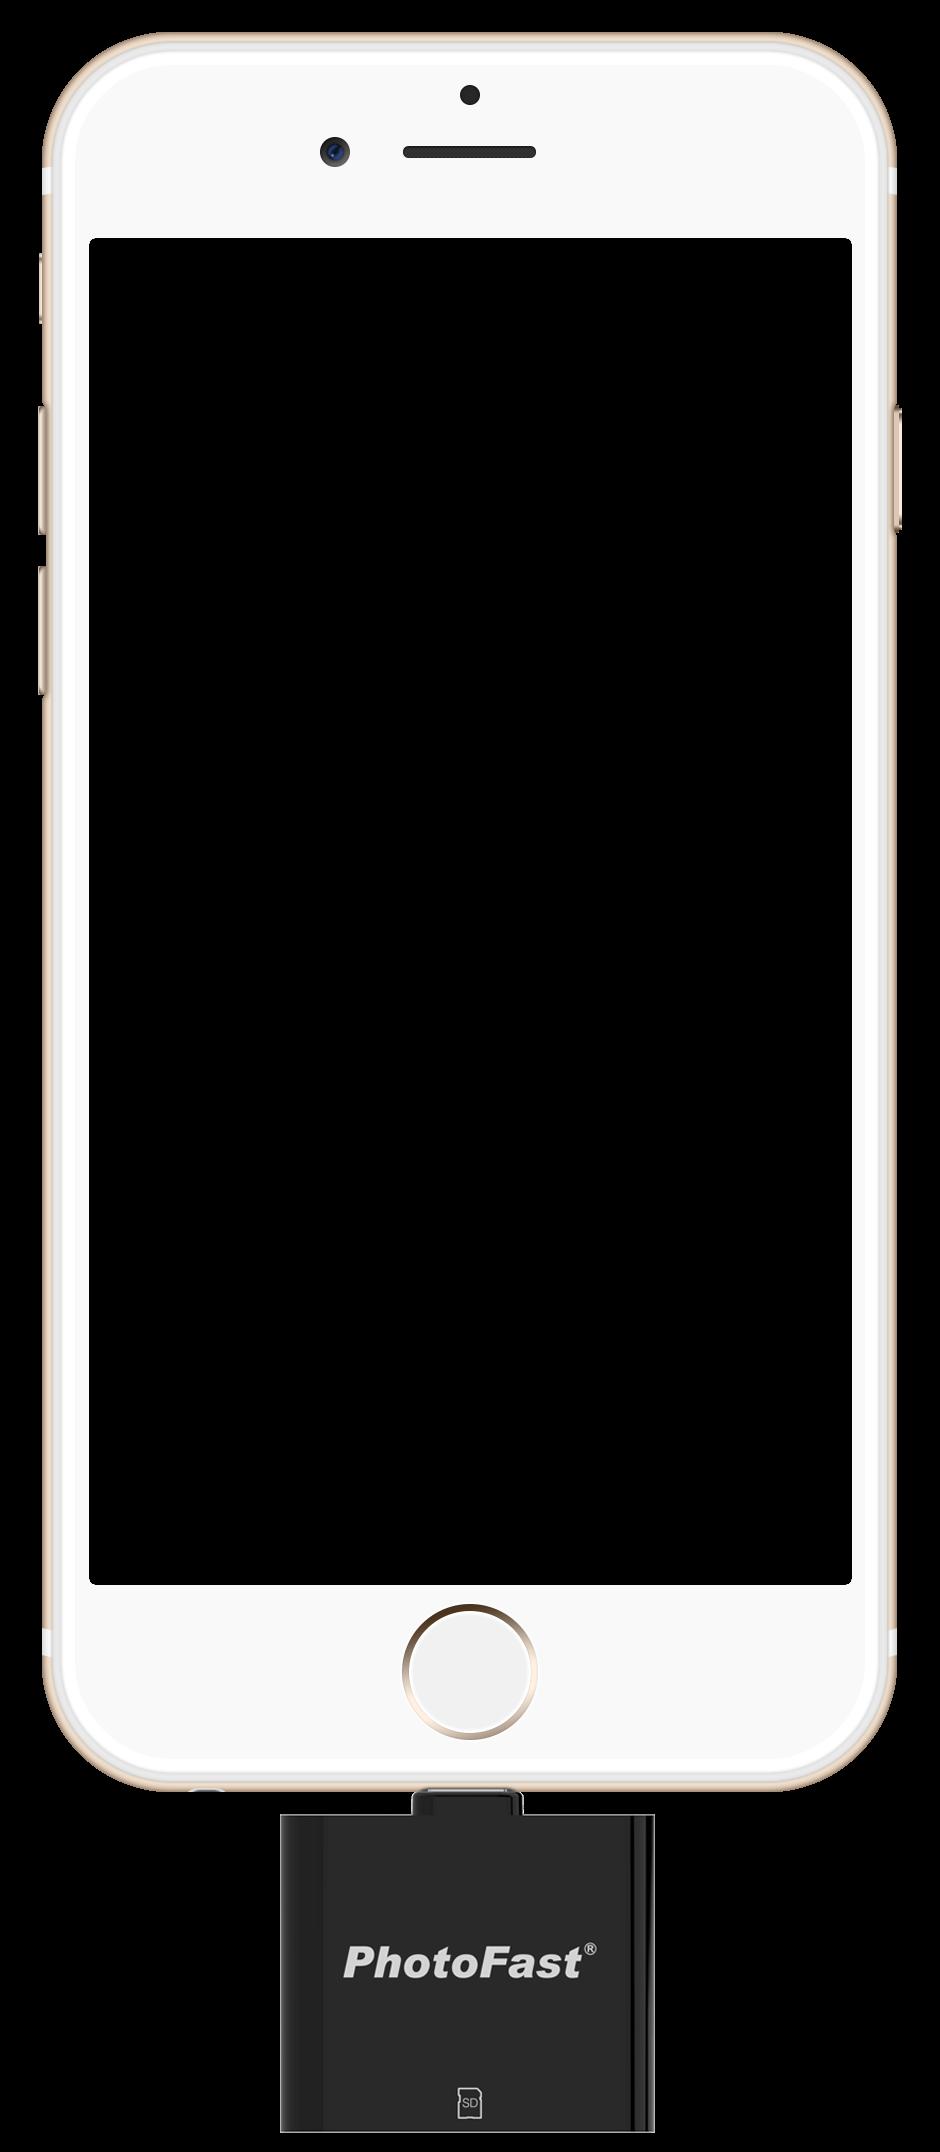 PhotoFast CR-8710 iOS SD Card Reader